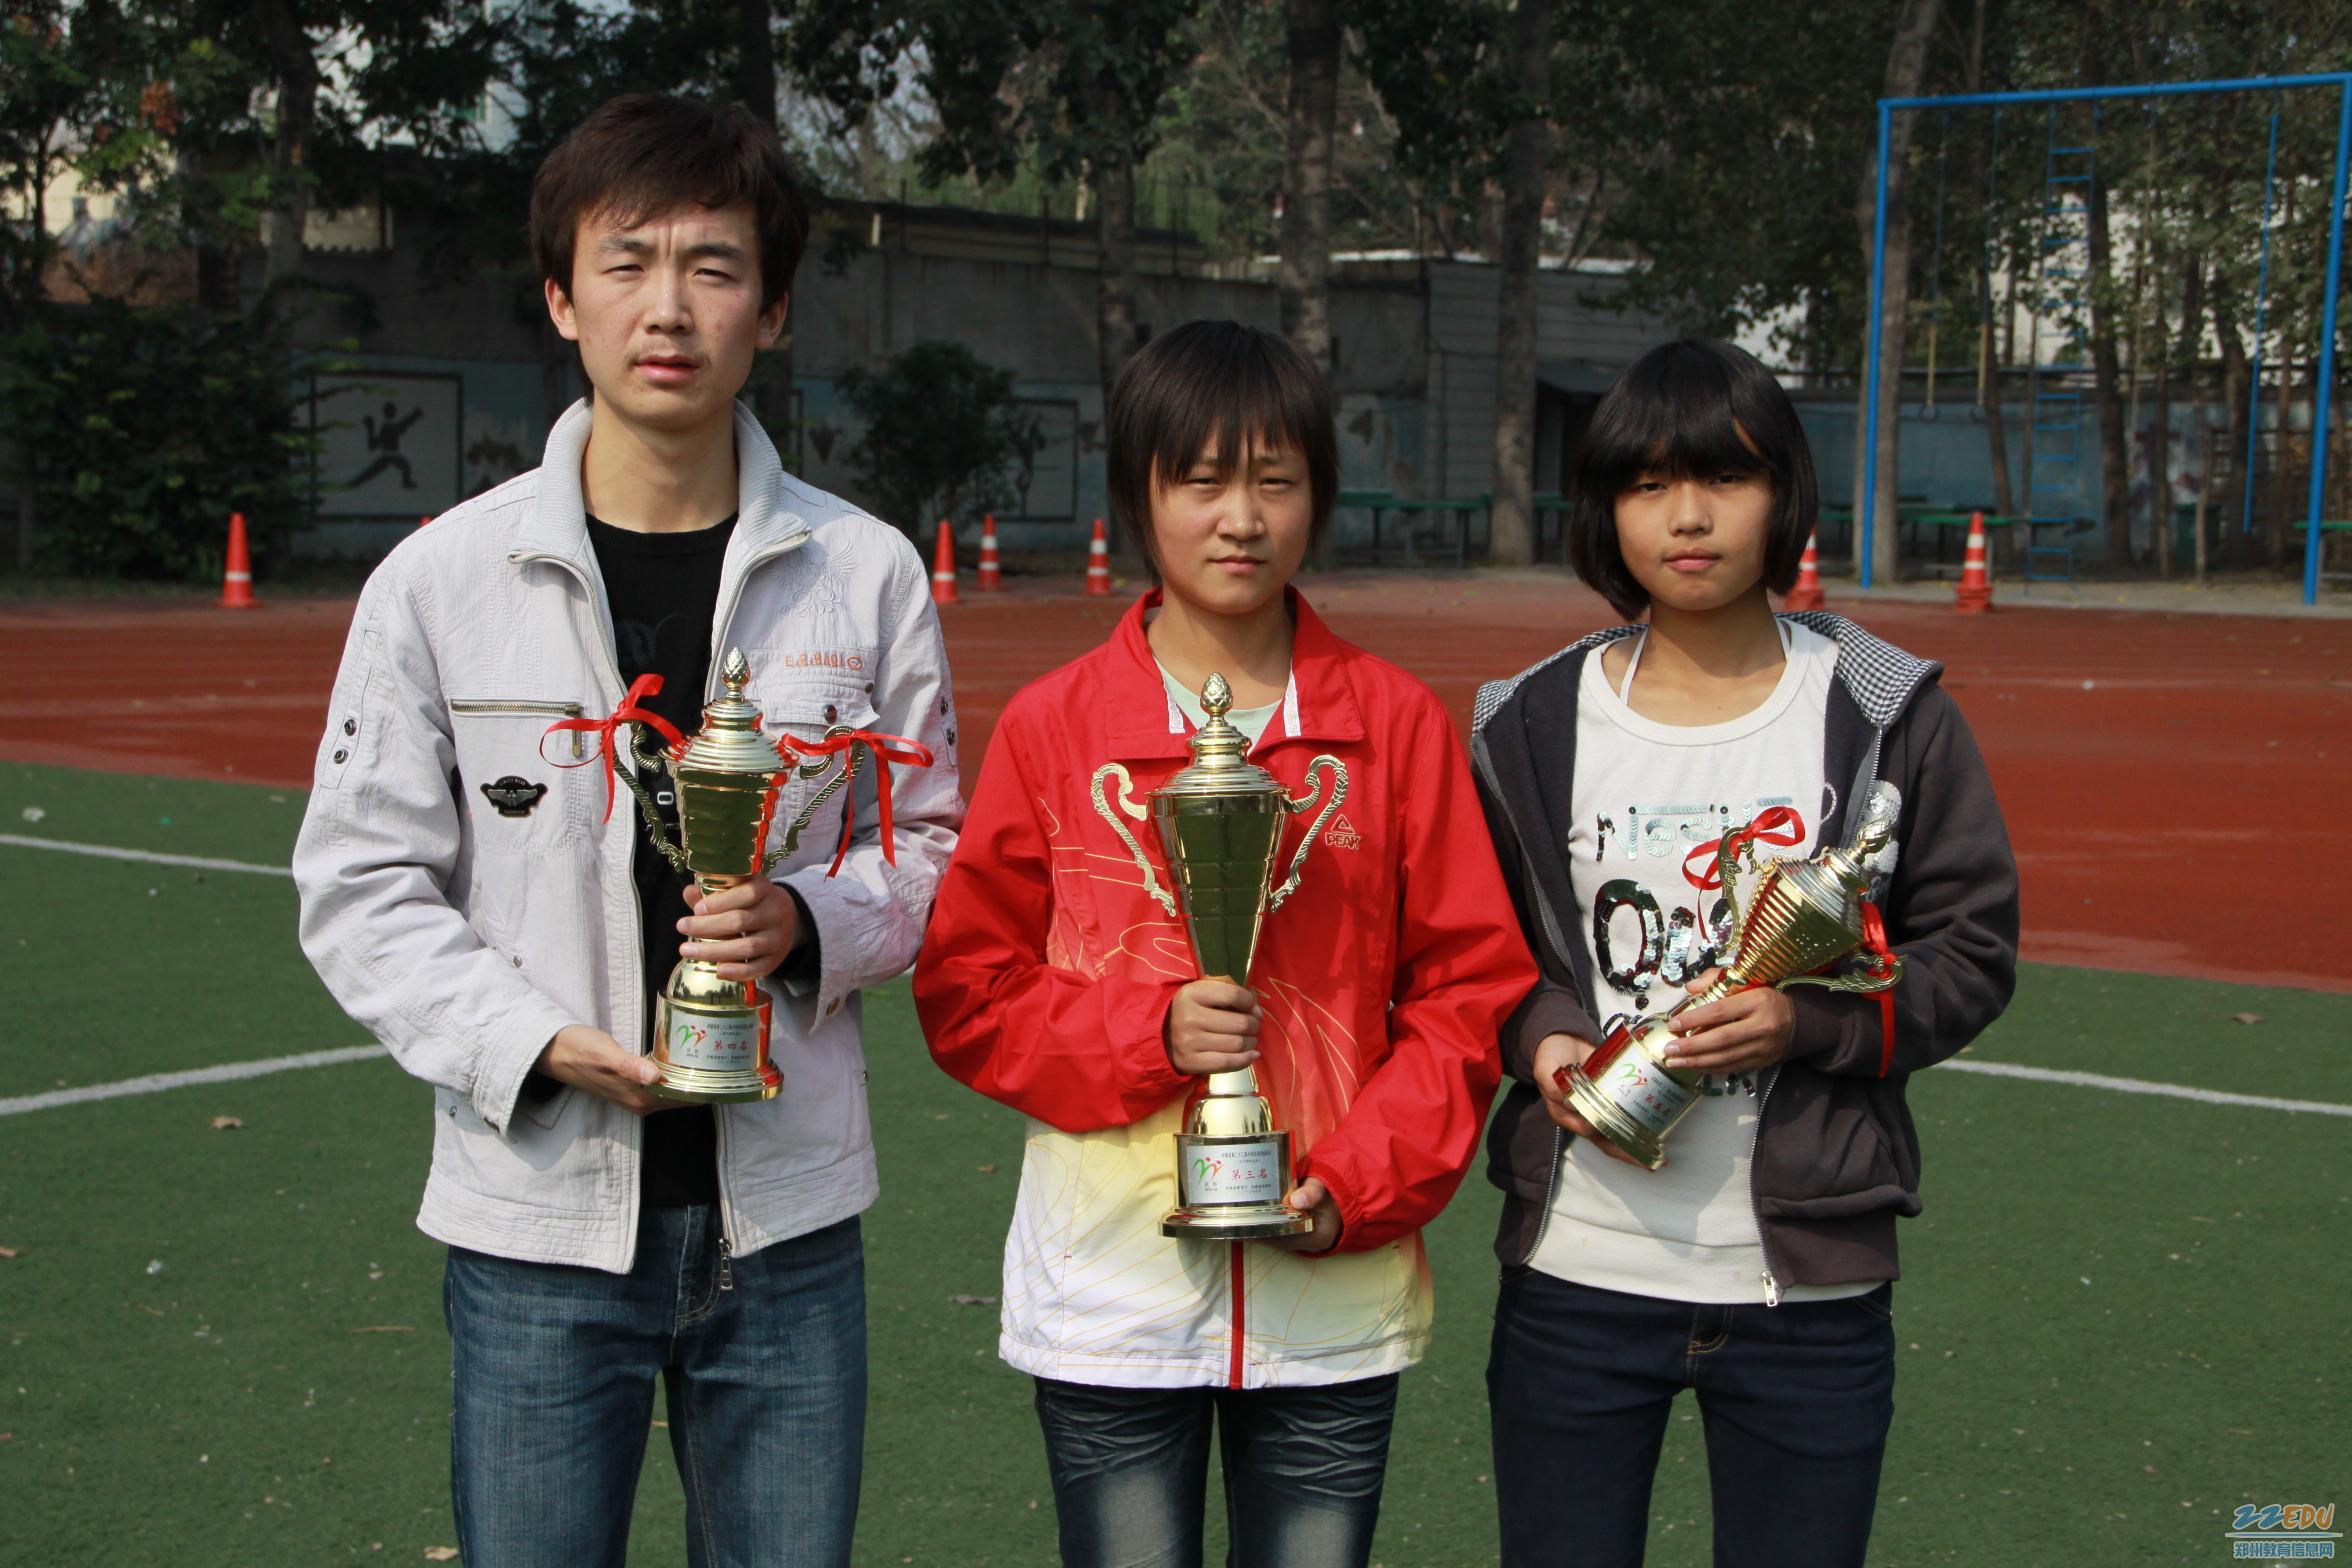 河南省/郑州十二中获河南省第22届中学生运动会总分第五名优异成绩